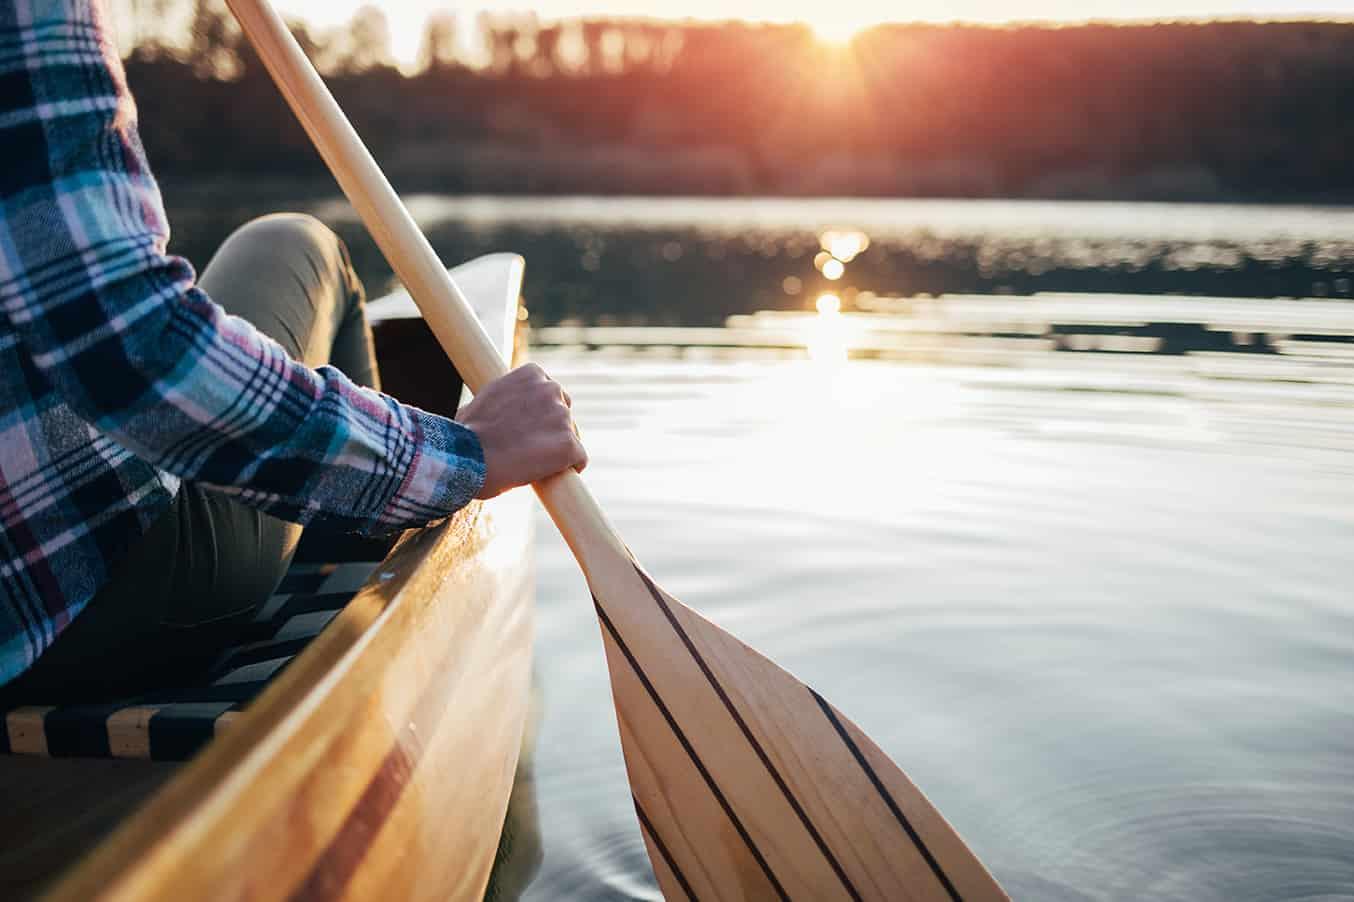 closeupofhipstergirlholdingcanoepaddle-canoeingon